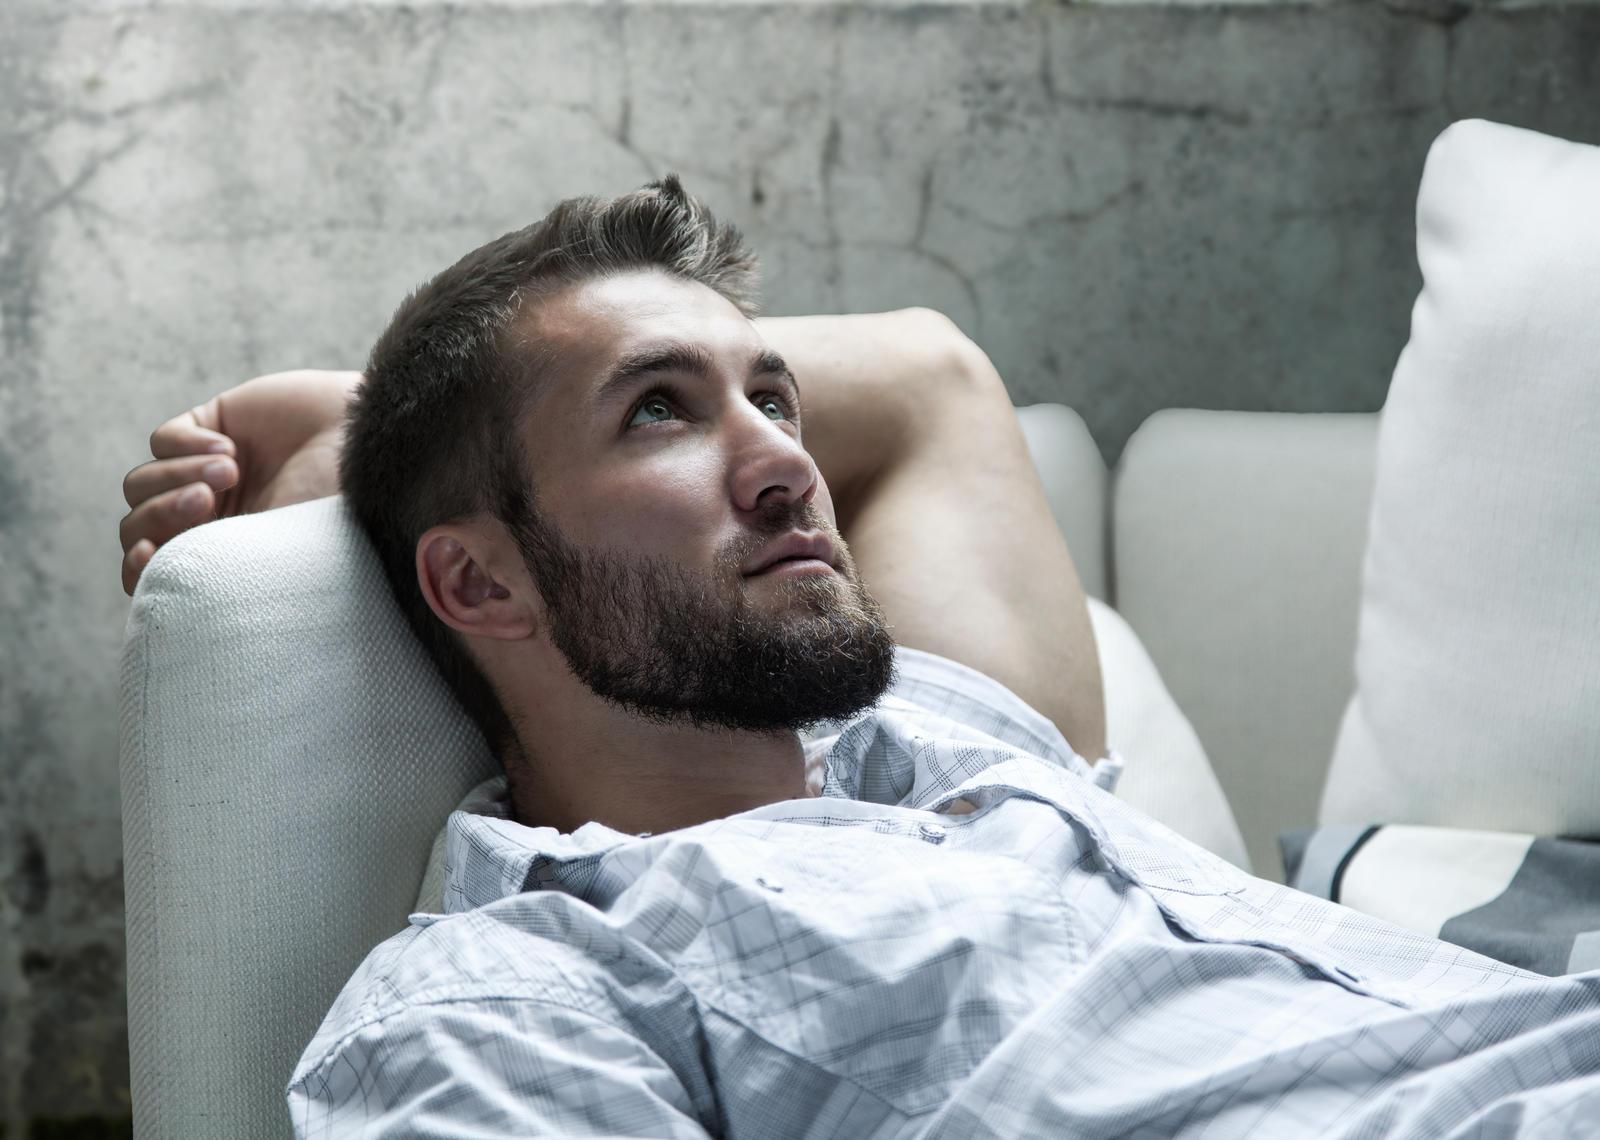 Kodėl vyrai rytais patiria erekciją? - Urologas Kaune